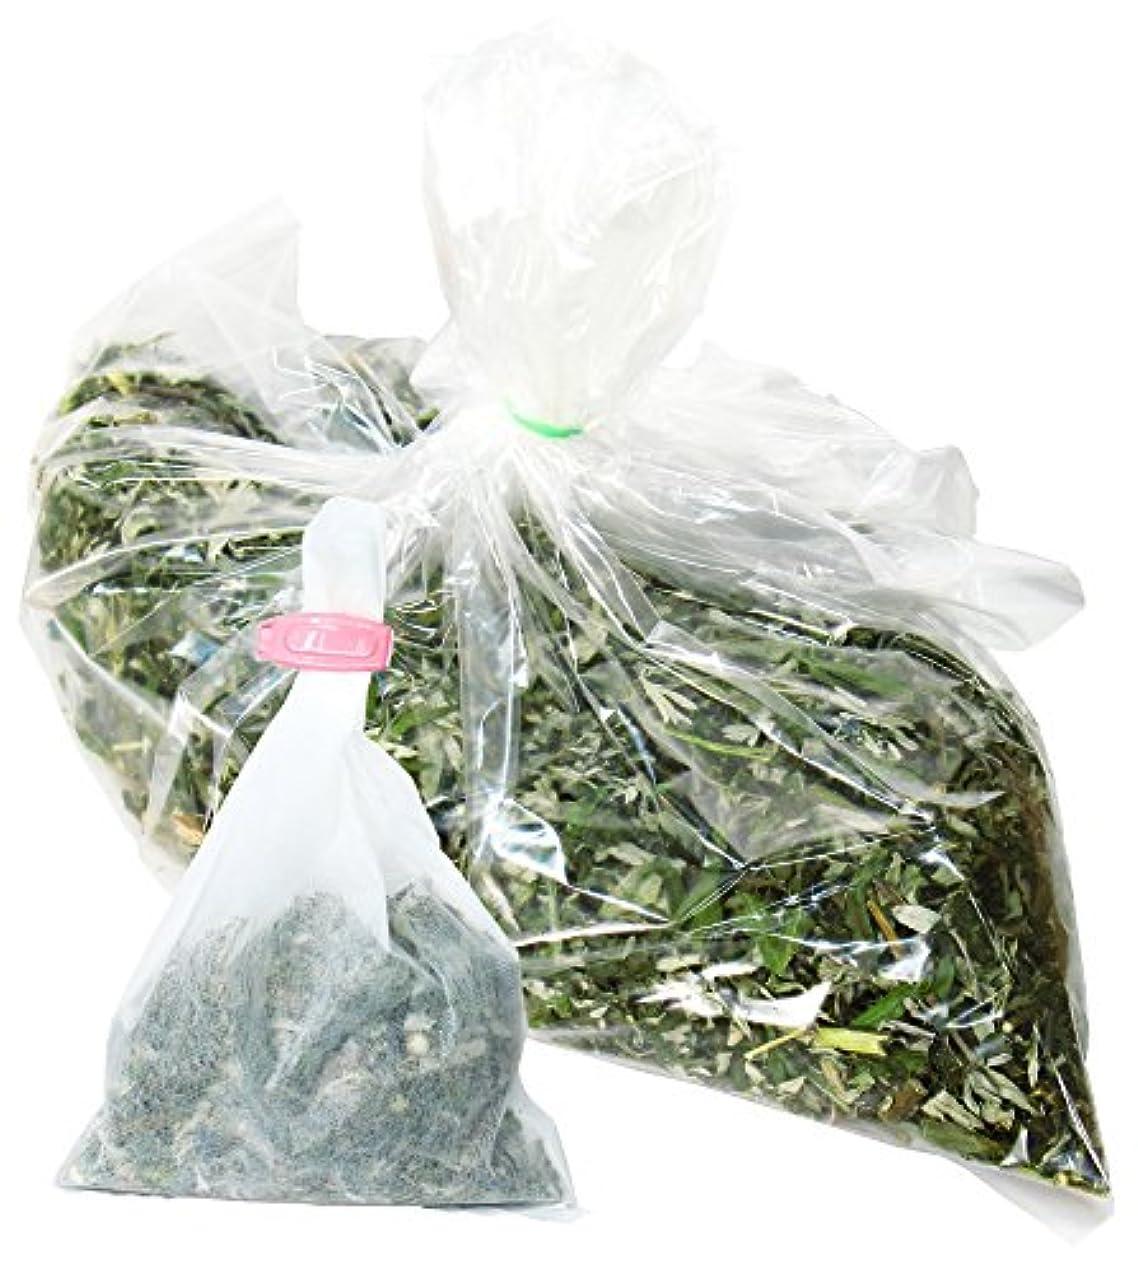 パドルメディックプロテスタント自然健康社 よもぎ蒸しのよもぎ 250g 乾燥刻み 煮出し袋10枚付